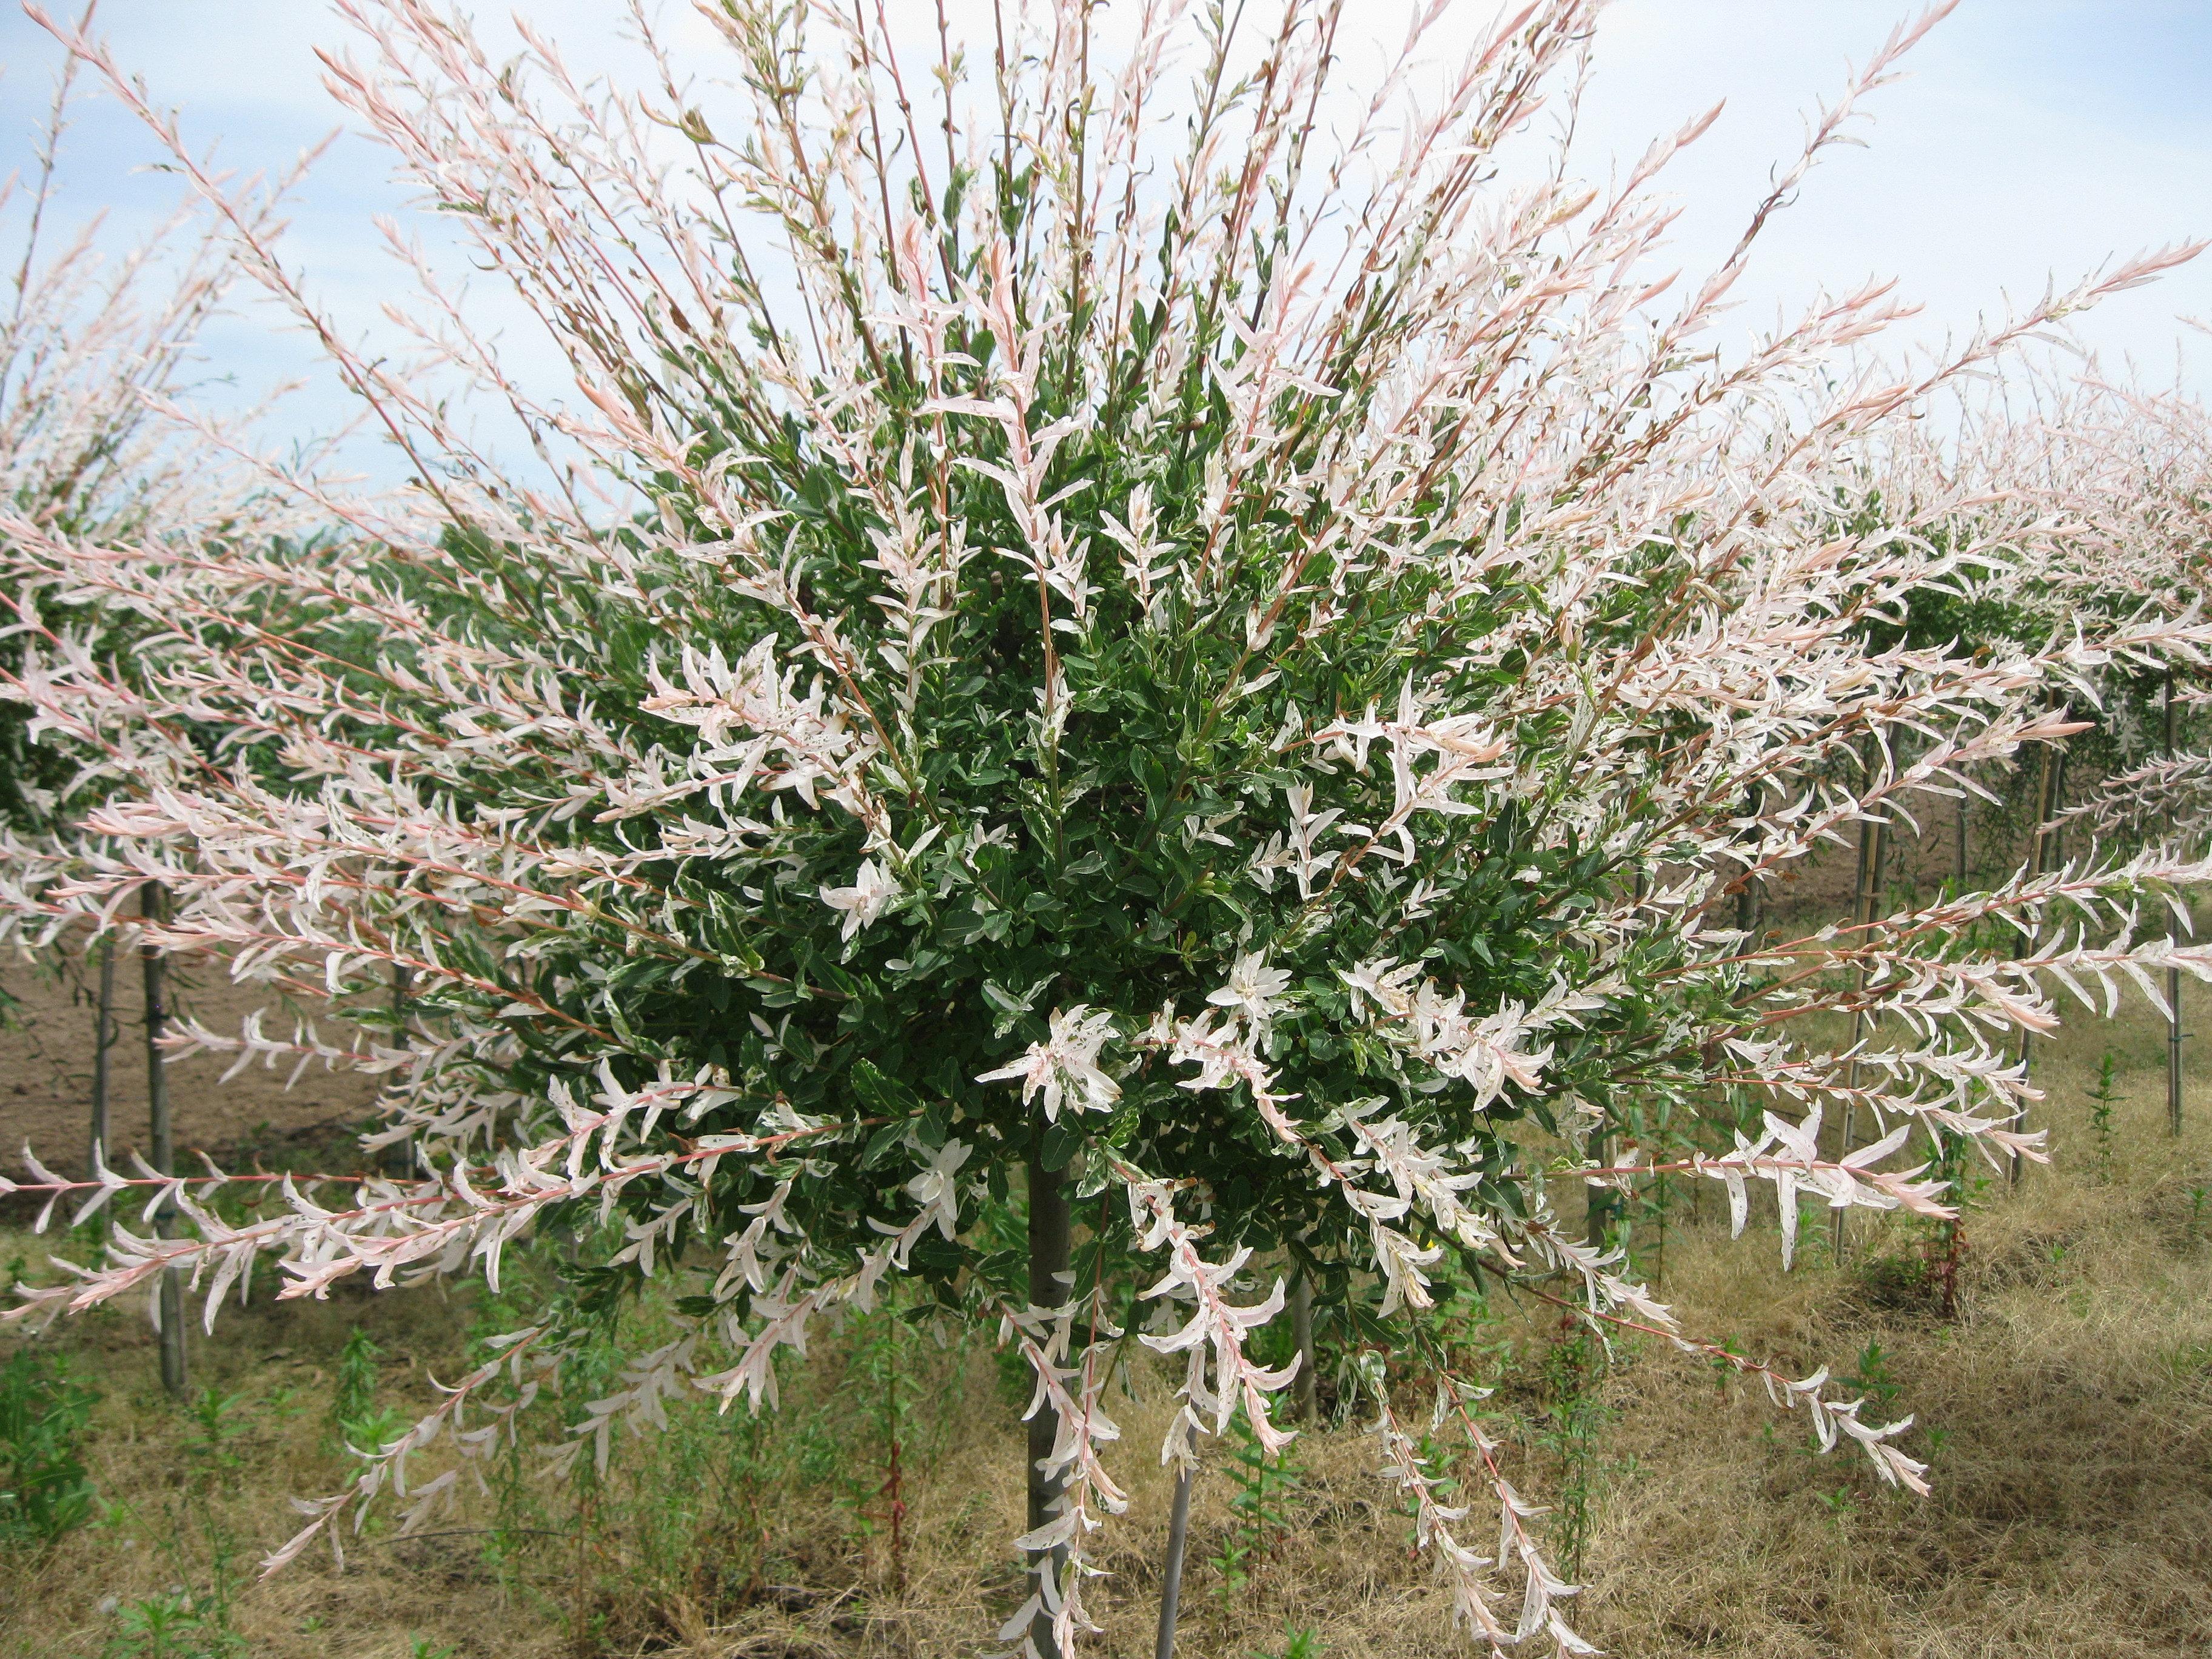 Milesnursery salix integra 39 hakuro nishiki 39 - Salix hakuro nishiki taille ...